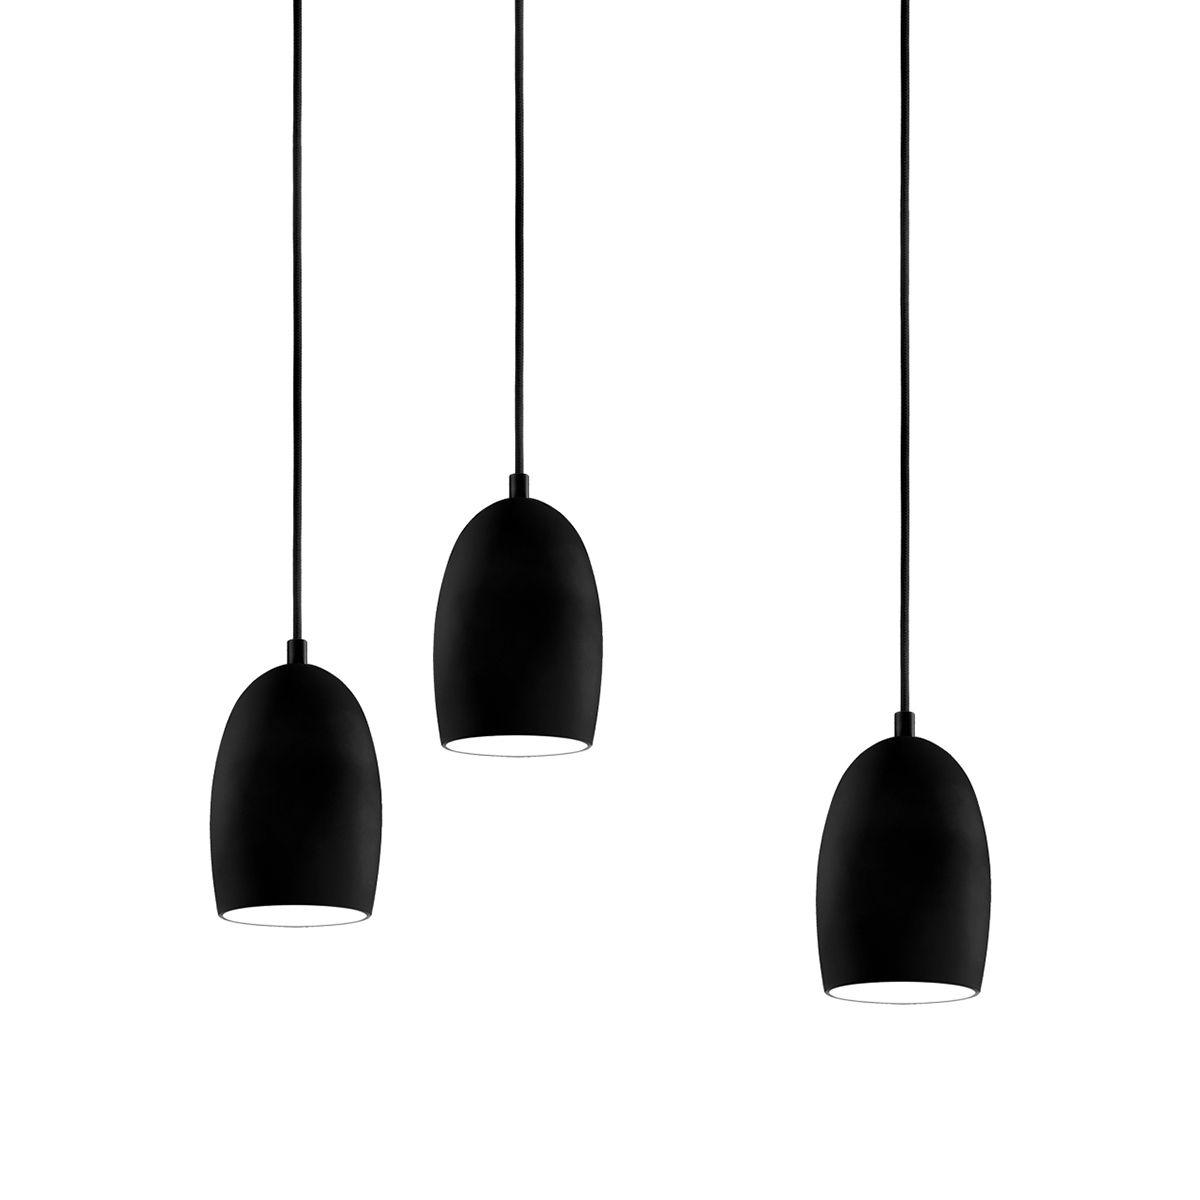 schwarze deckenlampen abzukühlen bild oder acecffcbcfefdb